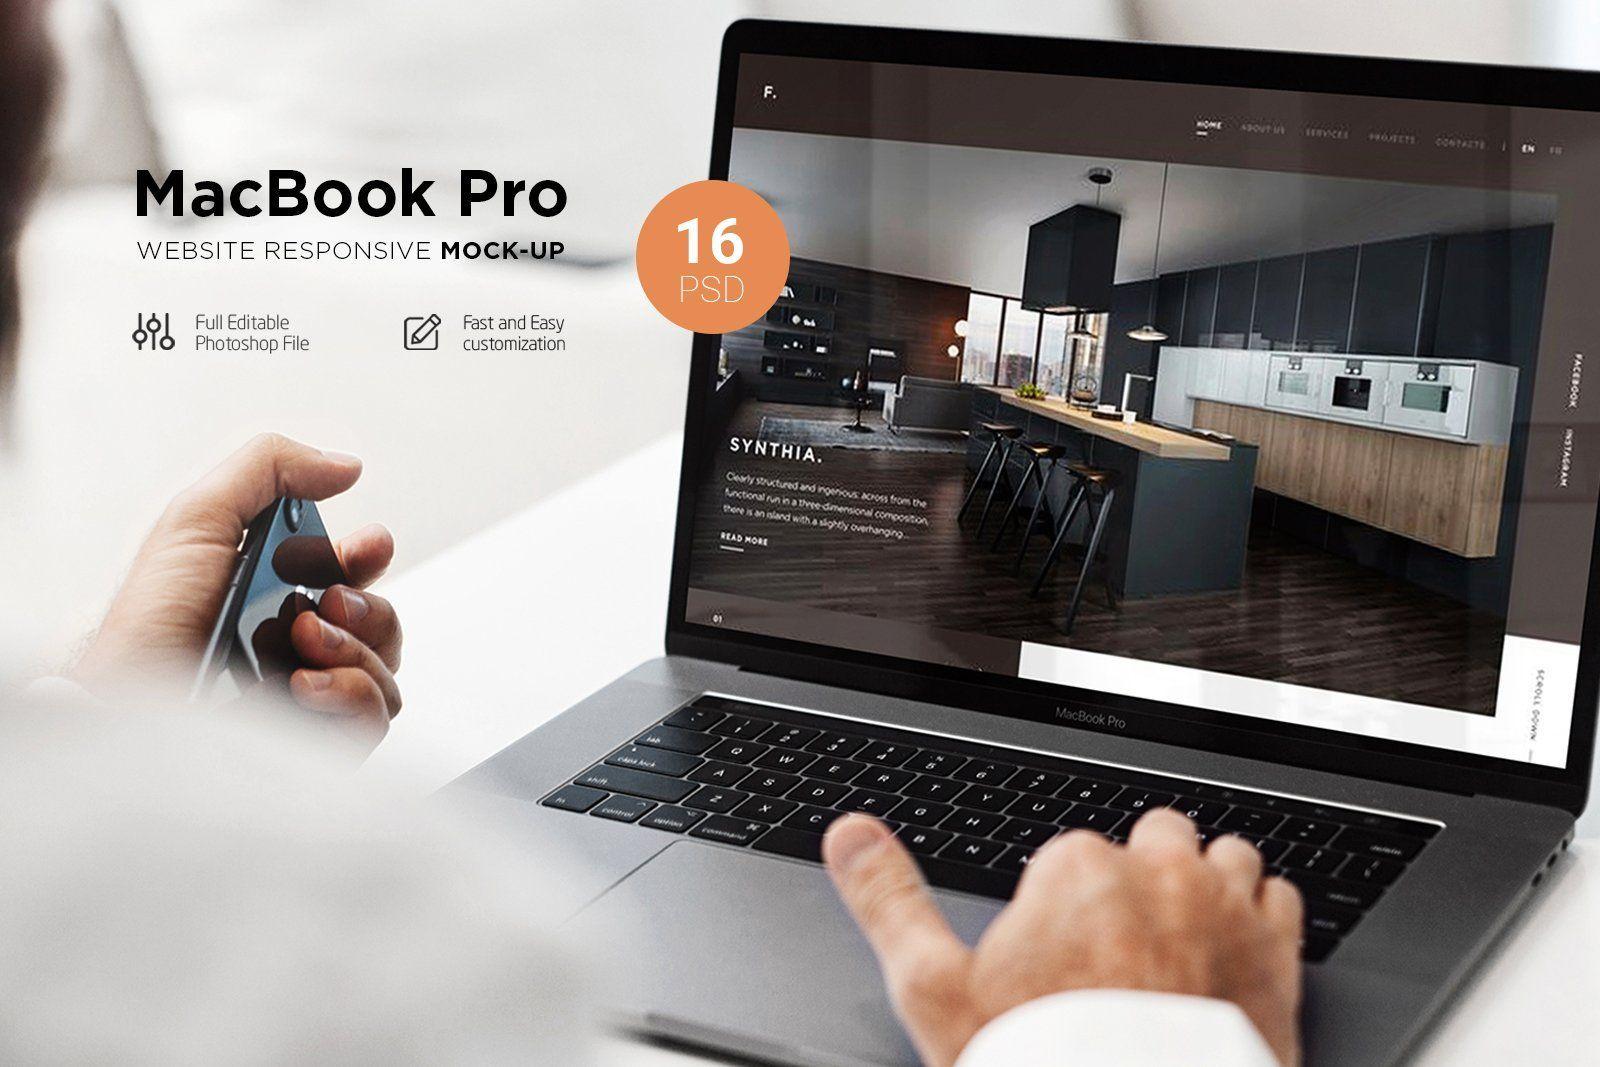 Macbook Pro Responsive Mock Up Macbook Pro Mockup Macbook